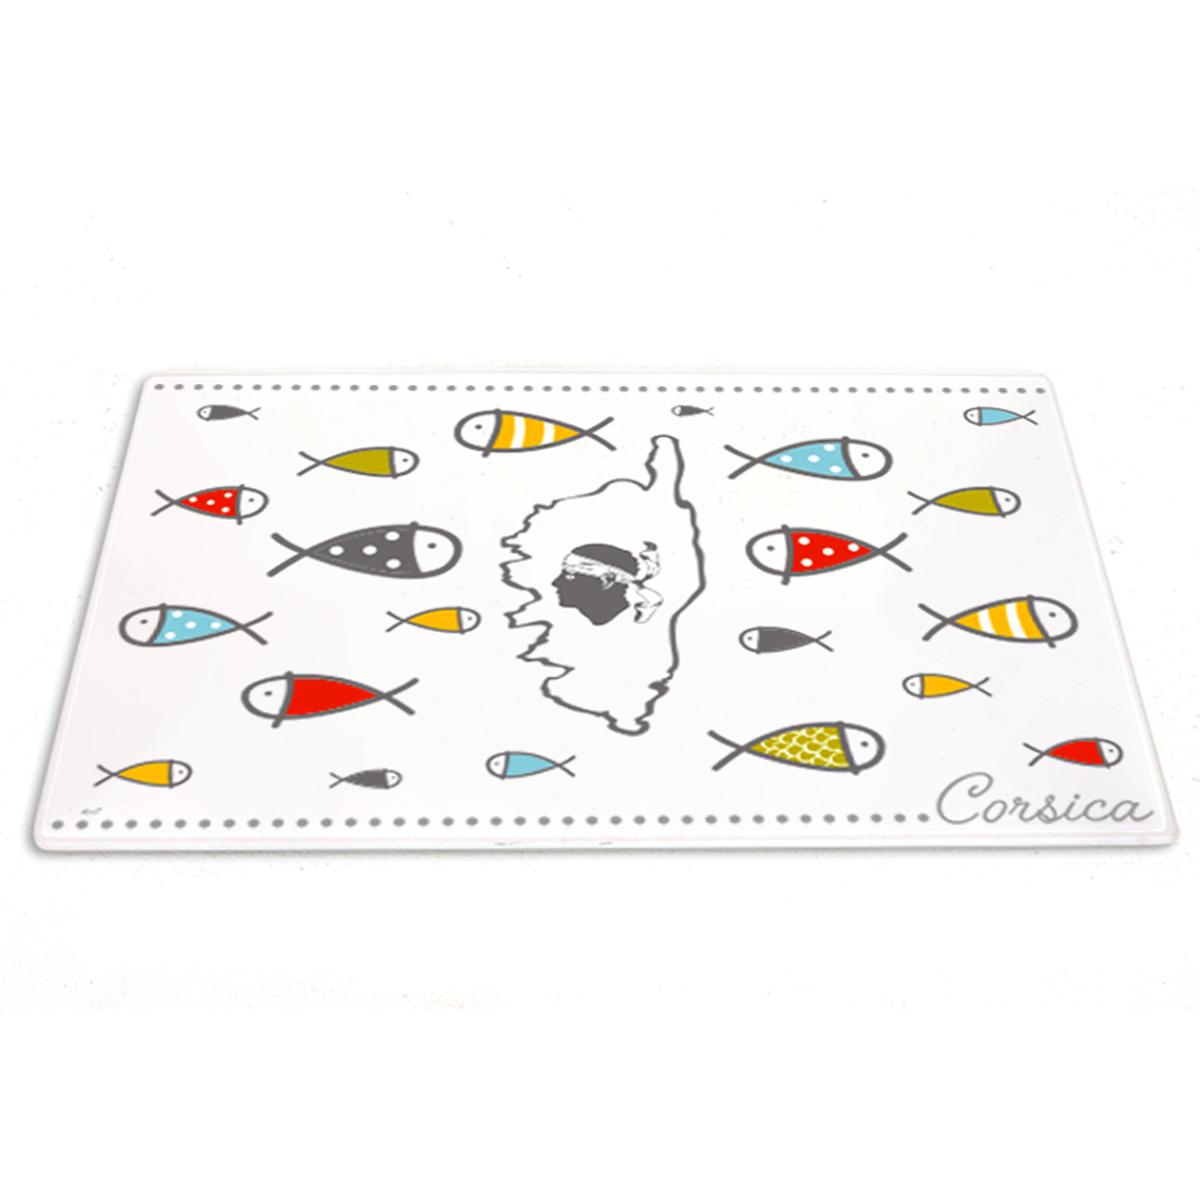 Planche à découpe / dessous de plat verre  \'Corsica\' multicolore blanc (poissons) - 30x20 cm - [A1103]